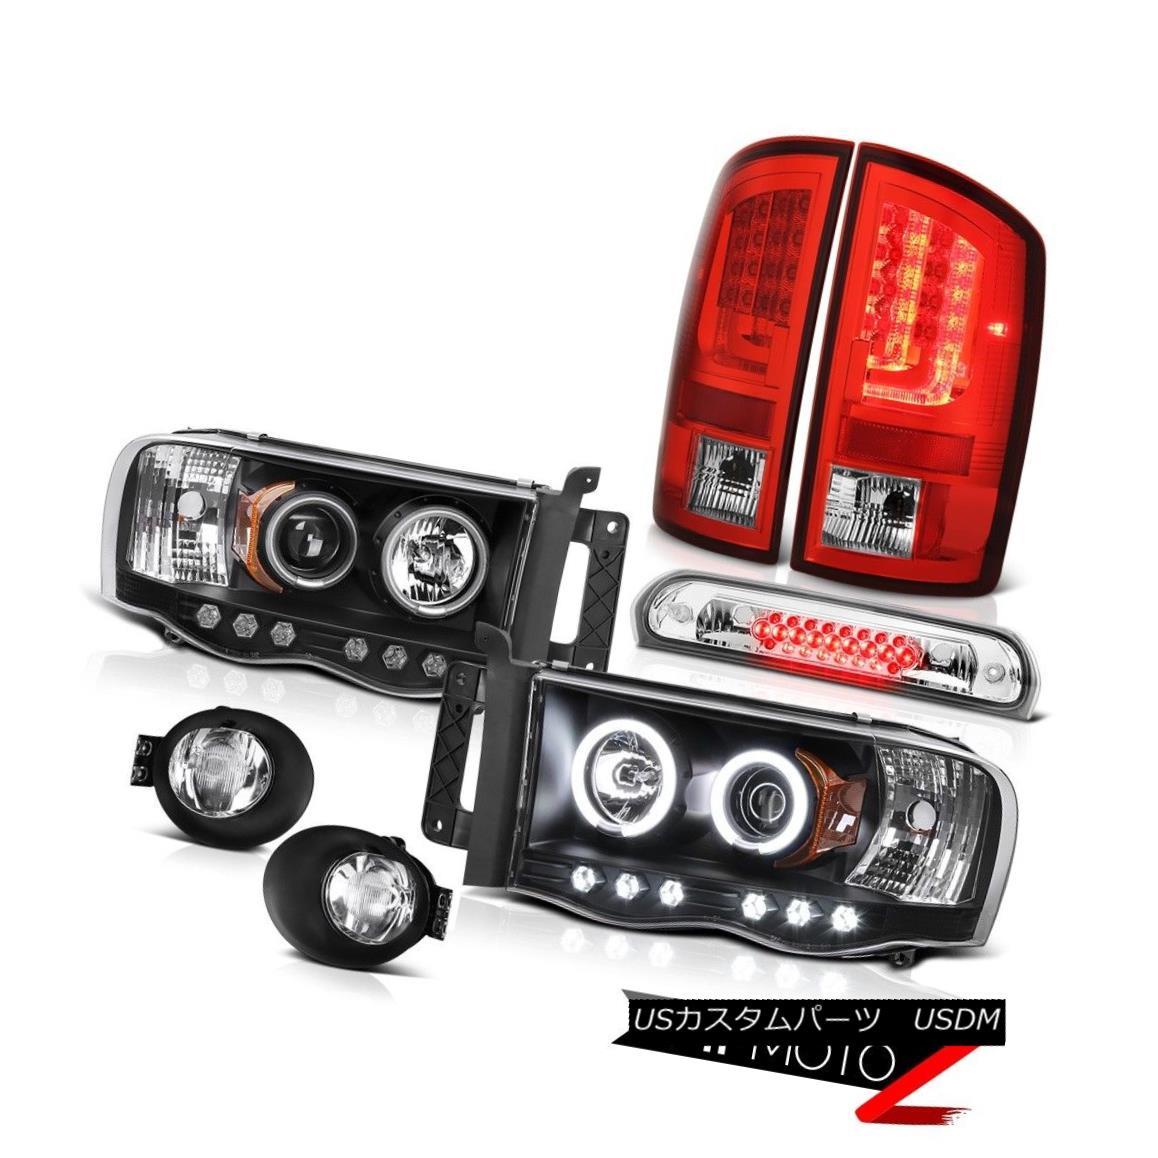 テールライト 02-05 Ram 1500 2500 3500 ST Red Tail Lamps Foglamps Headlights Roof Brake Lamp 02-05 Ram 1500 2500 3500 STレッドテールランプフォグランプヘッドライトルーフブレーキランプ